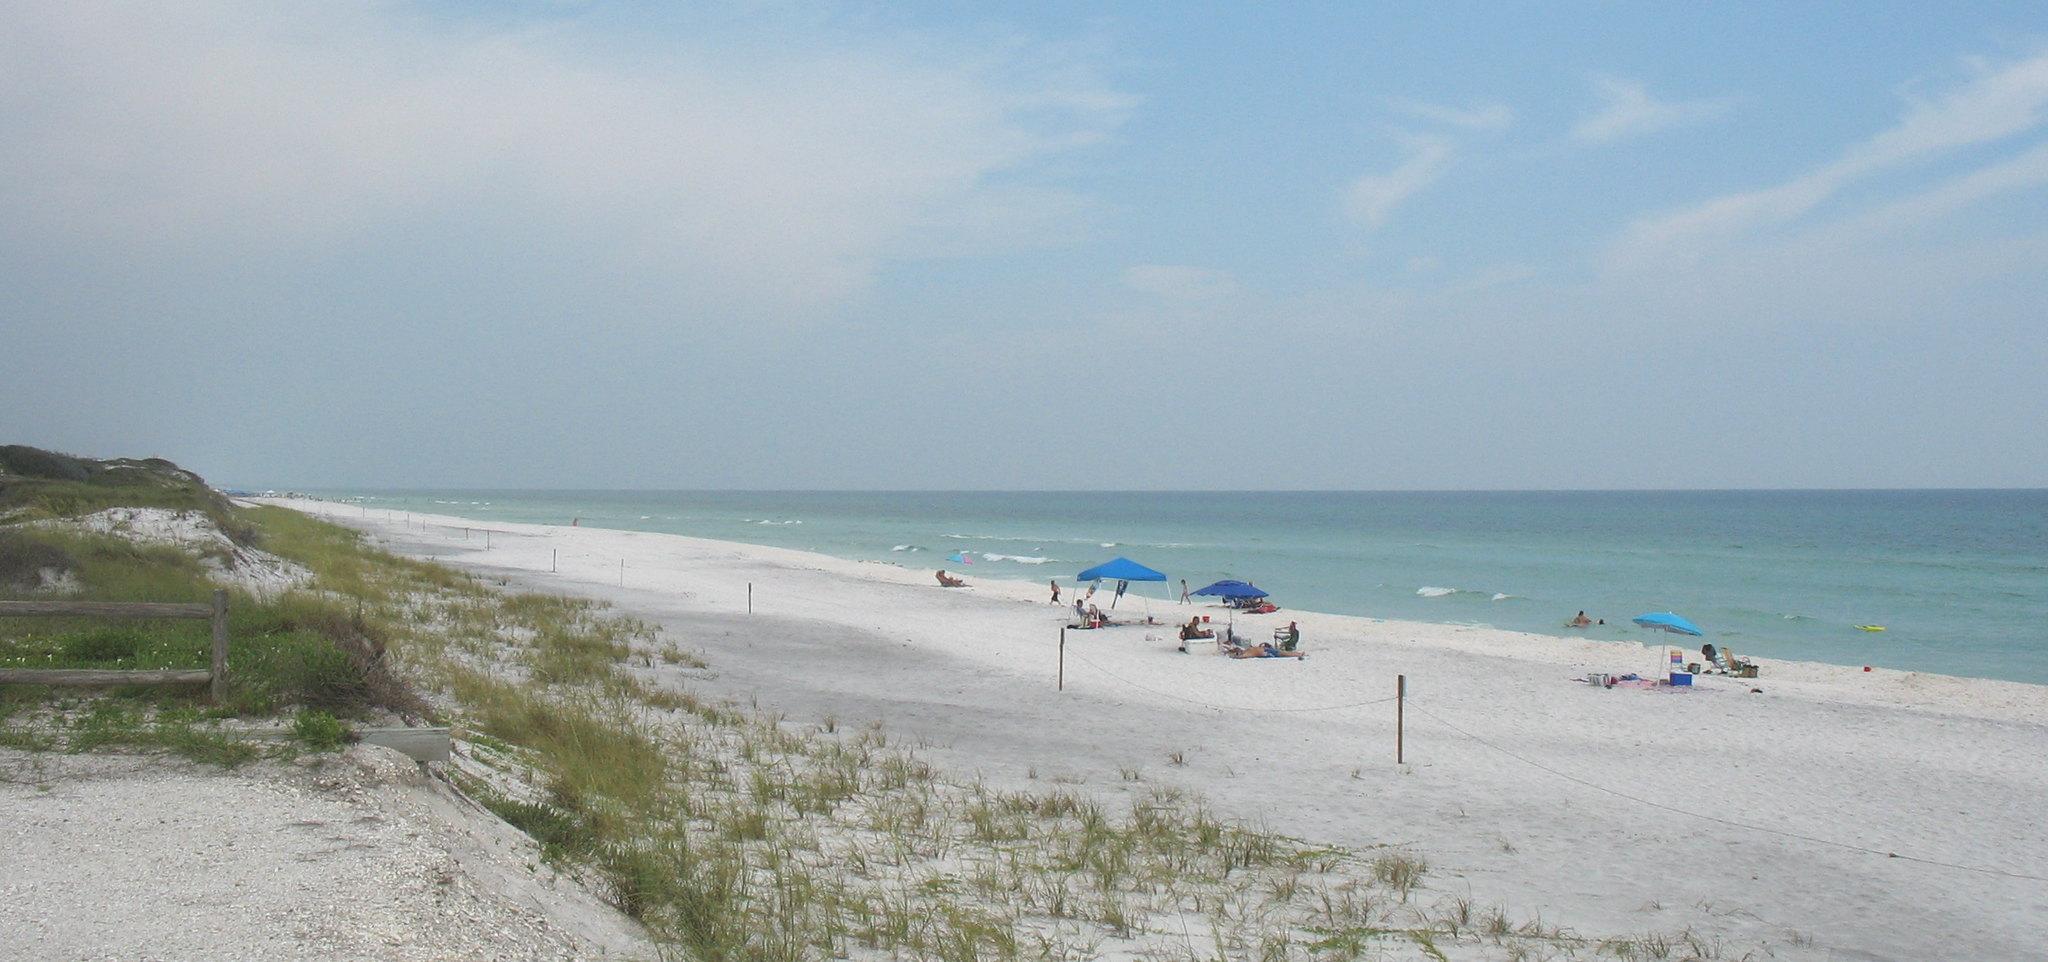 Grayton Beaches, Florida